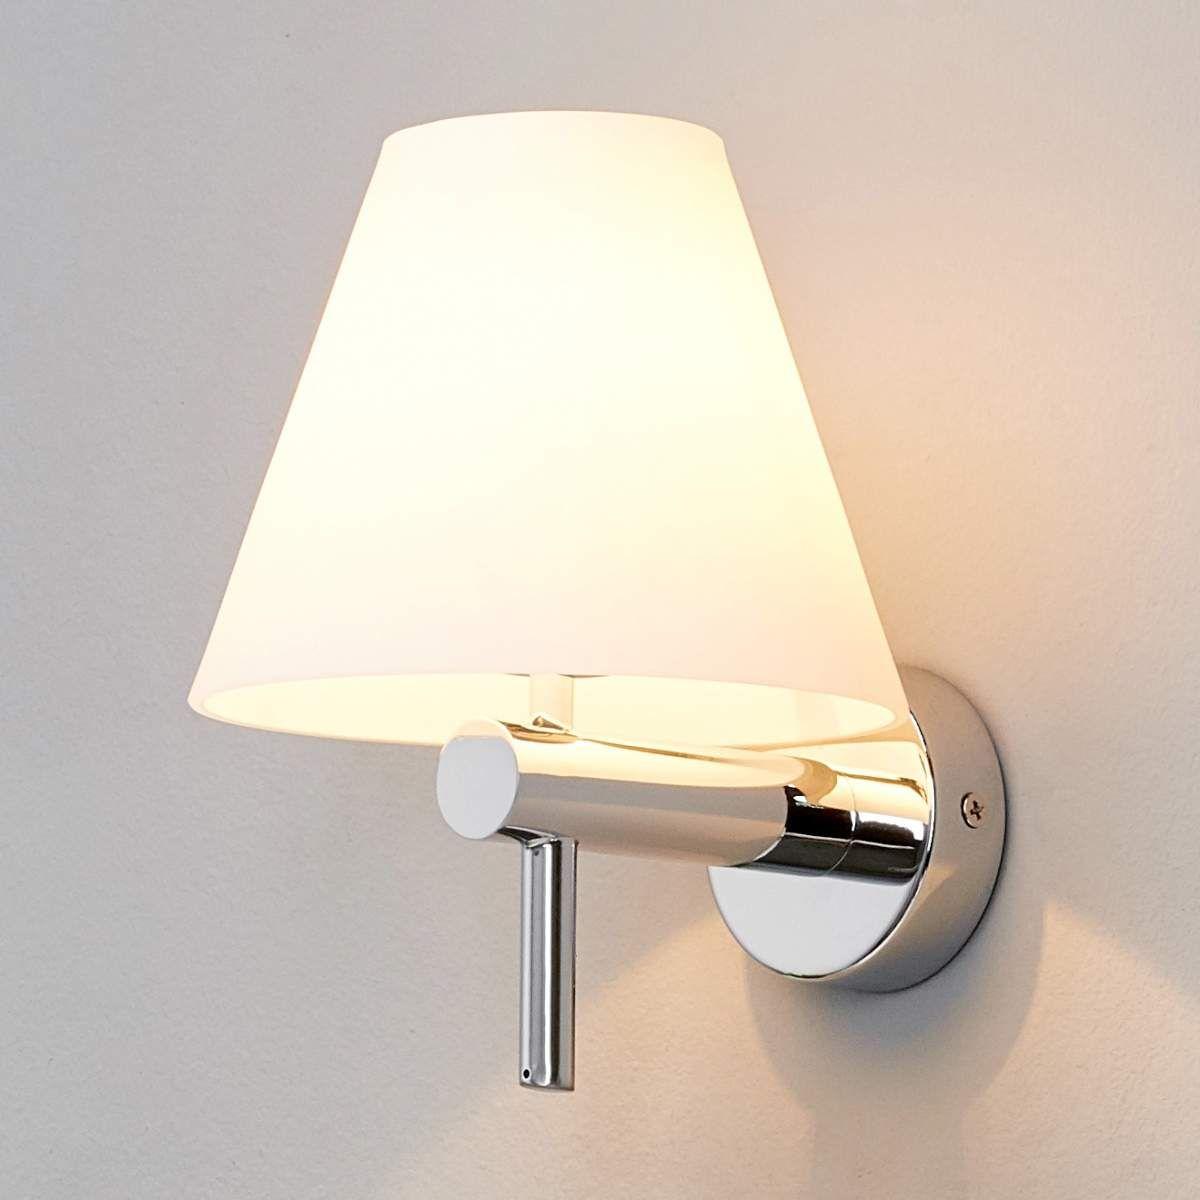 Wandlampen, Klemmspots & Wandleuchten IKEA Schweiz